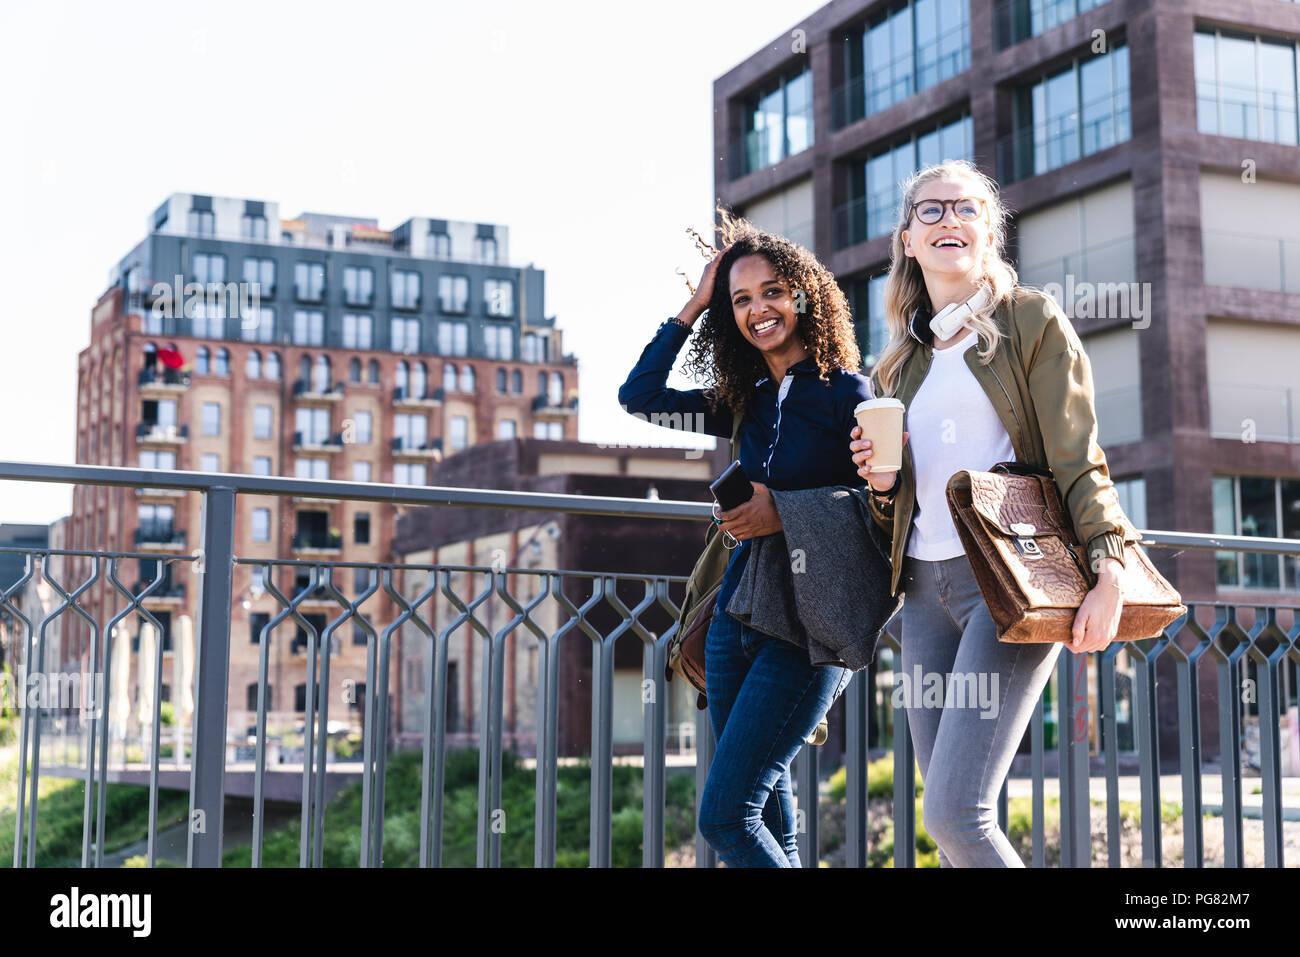 Freunde gehen auf Brücke, reden, Spaß haben Stockbild